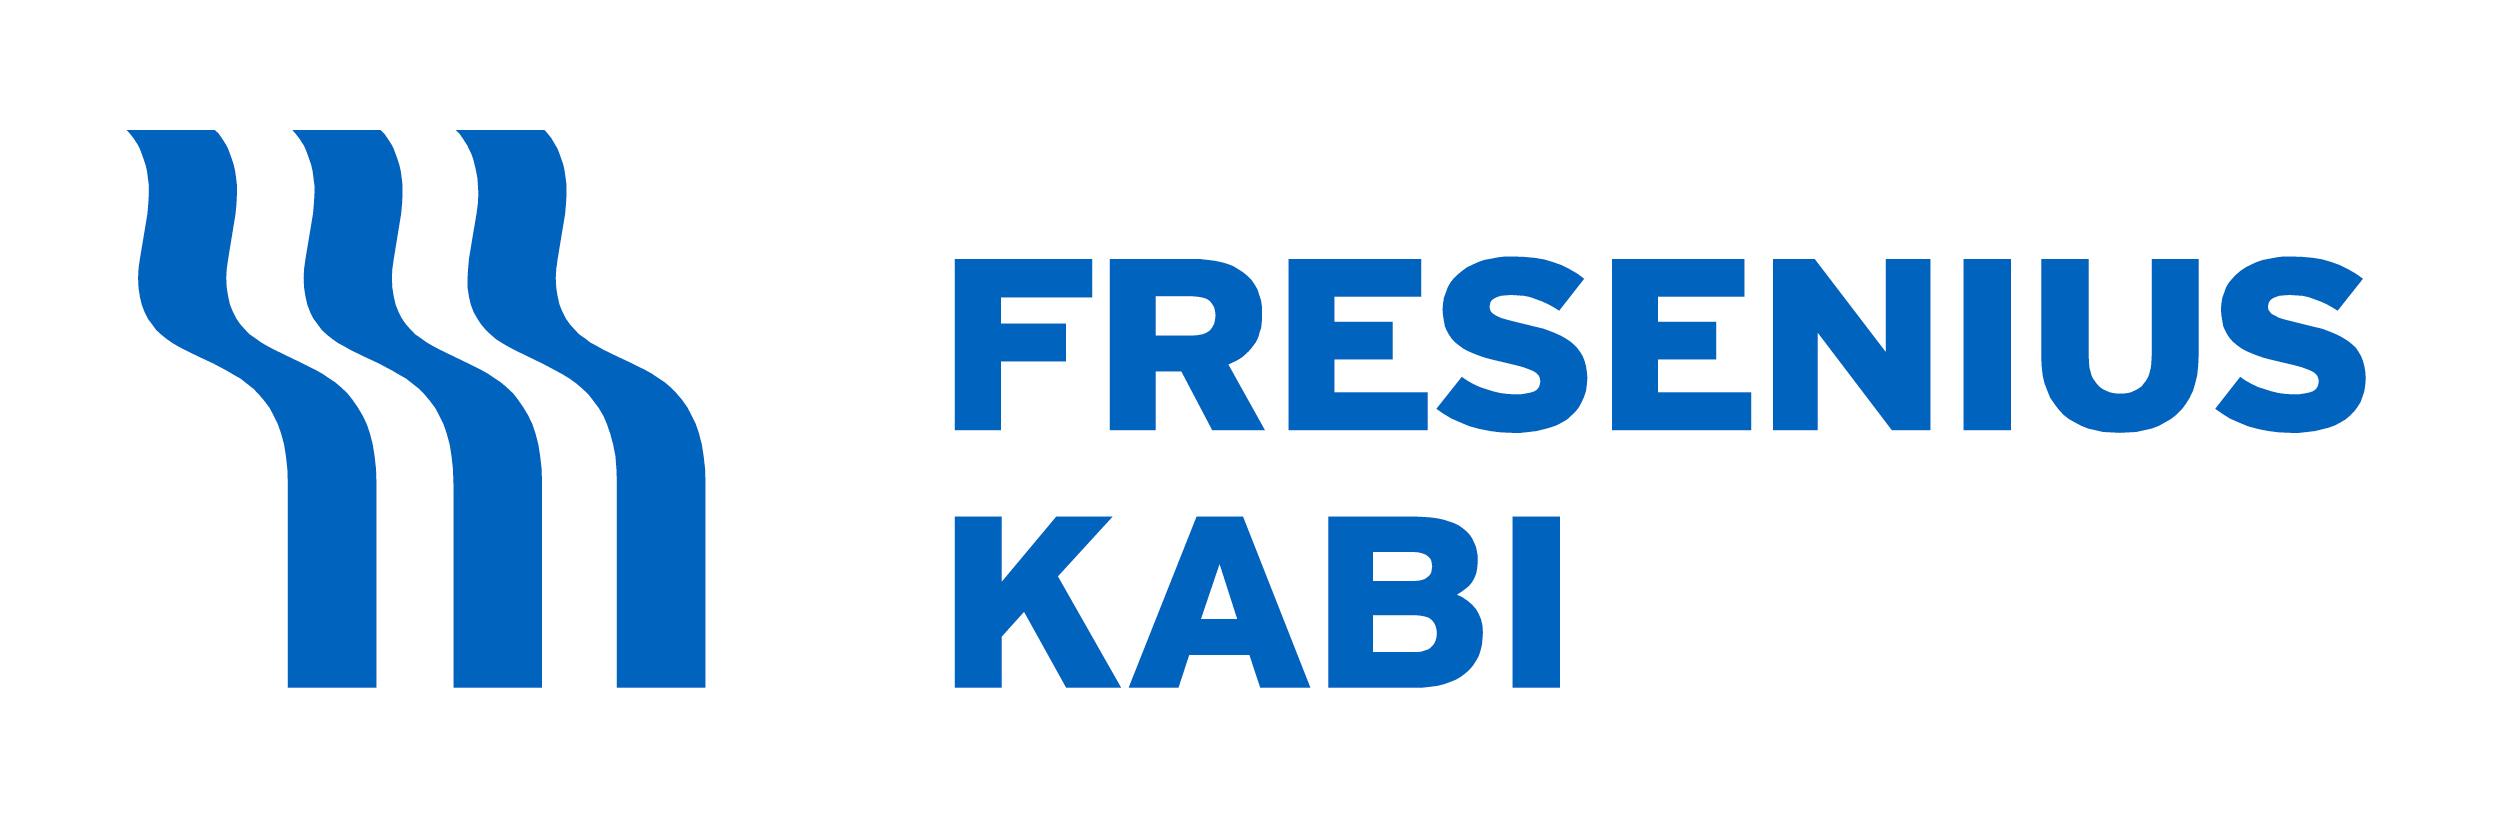 Fresnius Kabi